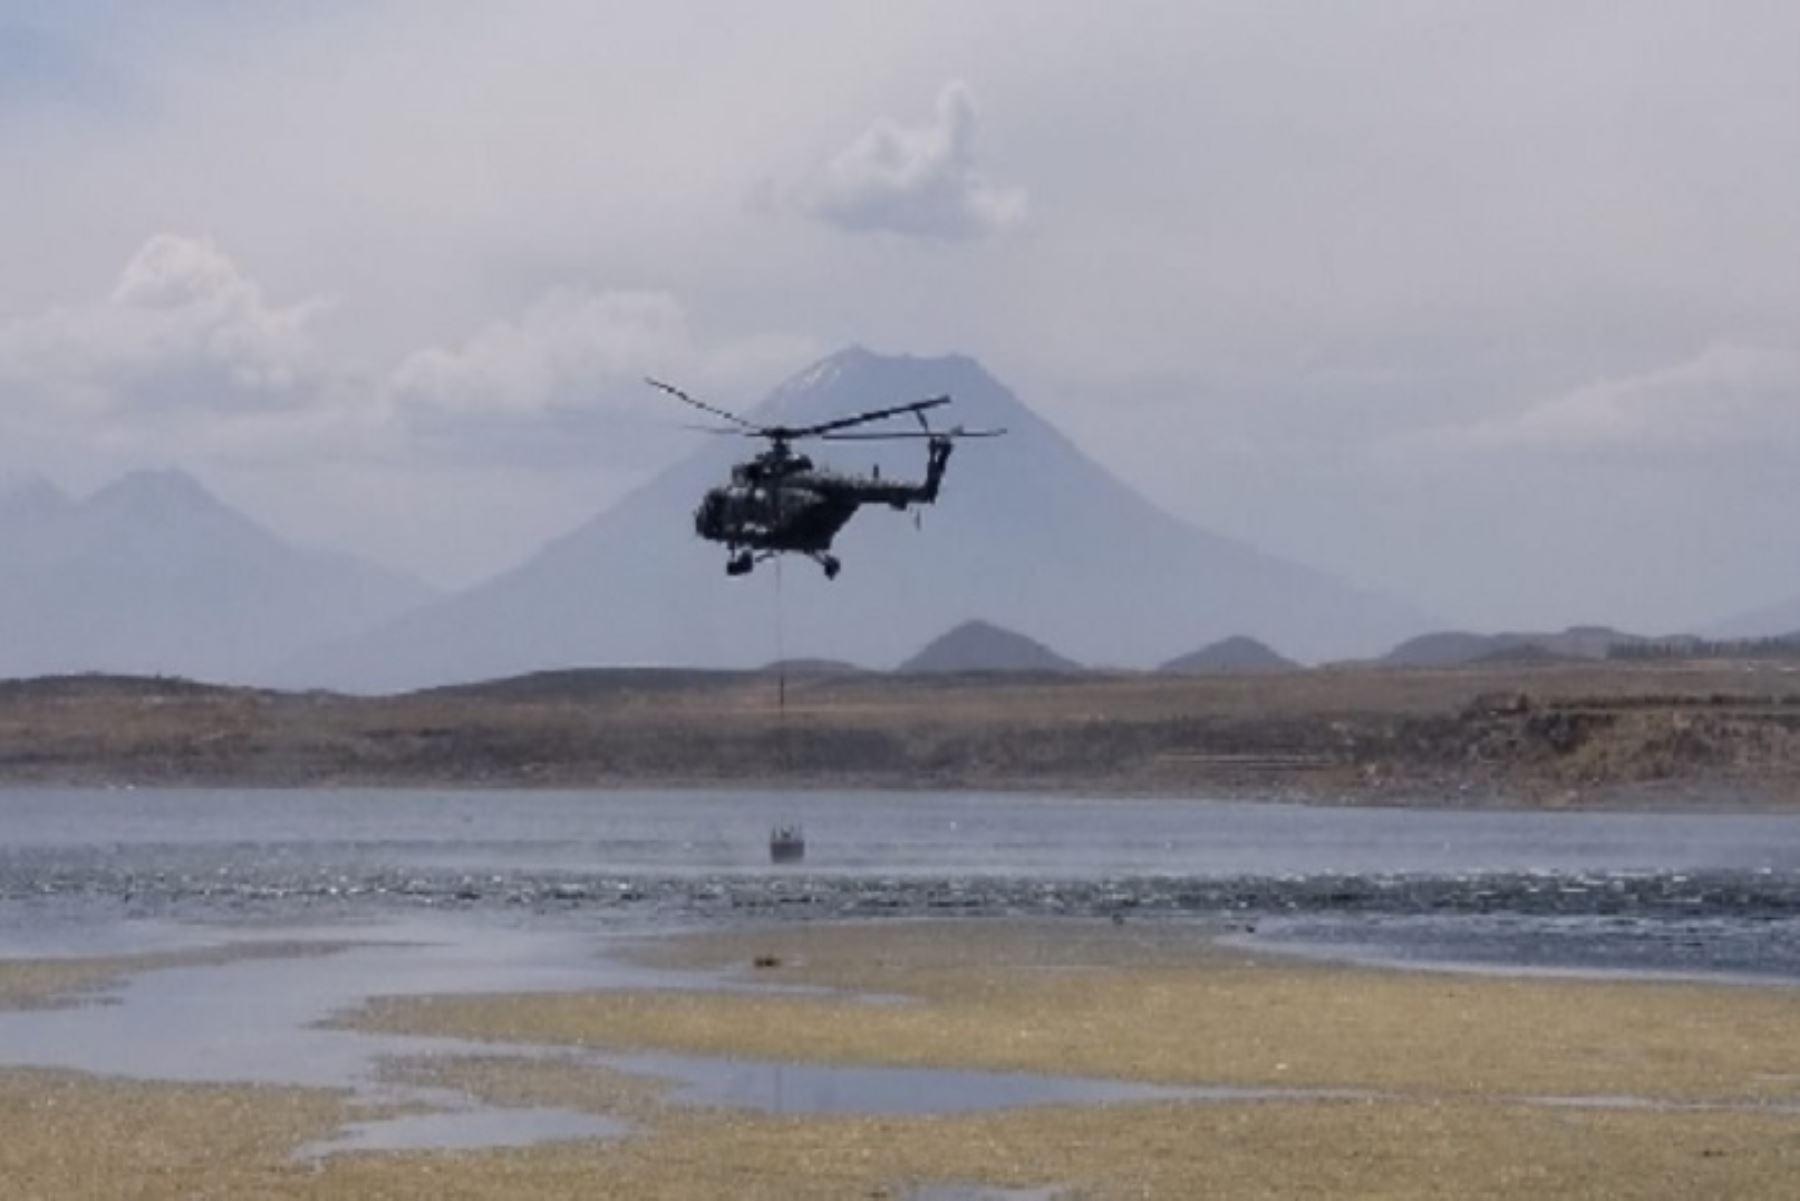 Enfrentando condiciones complicadas, dos helicópteros Mi-17 del Ejército del Perú, tripulado por personal militar de la Fuerza Aérea del Perú (FAP) lograron extinguir el incendio forestal registrado desde ayer en el distrito de Pocsi, provincia y región Arequipa, tras usar un total de 38,4000 litros de agua.